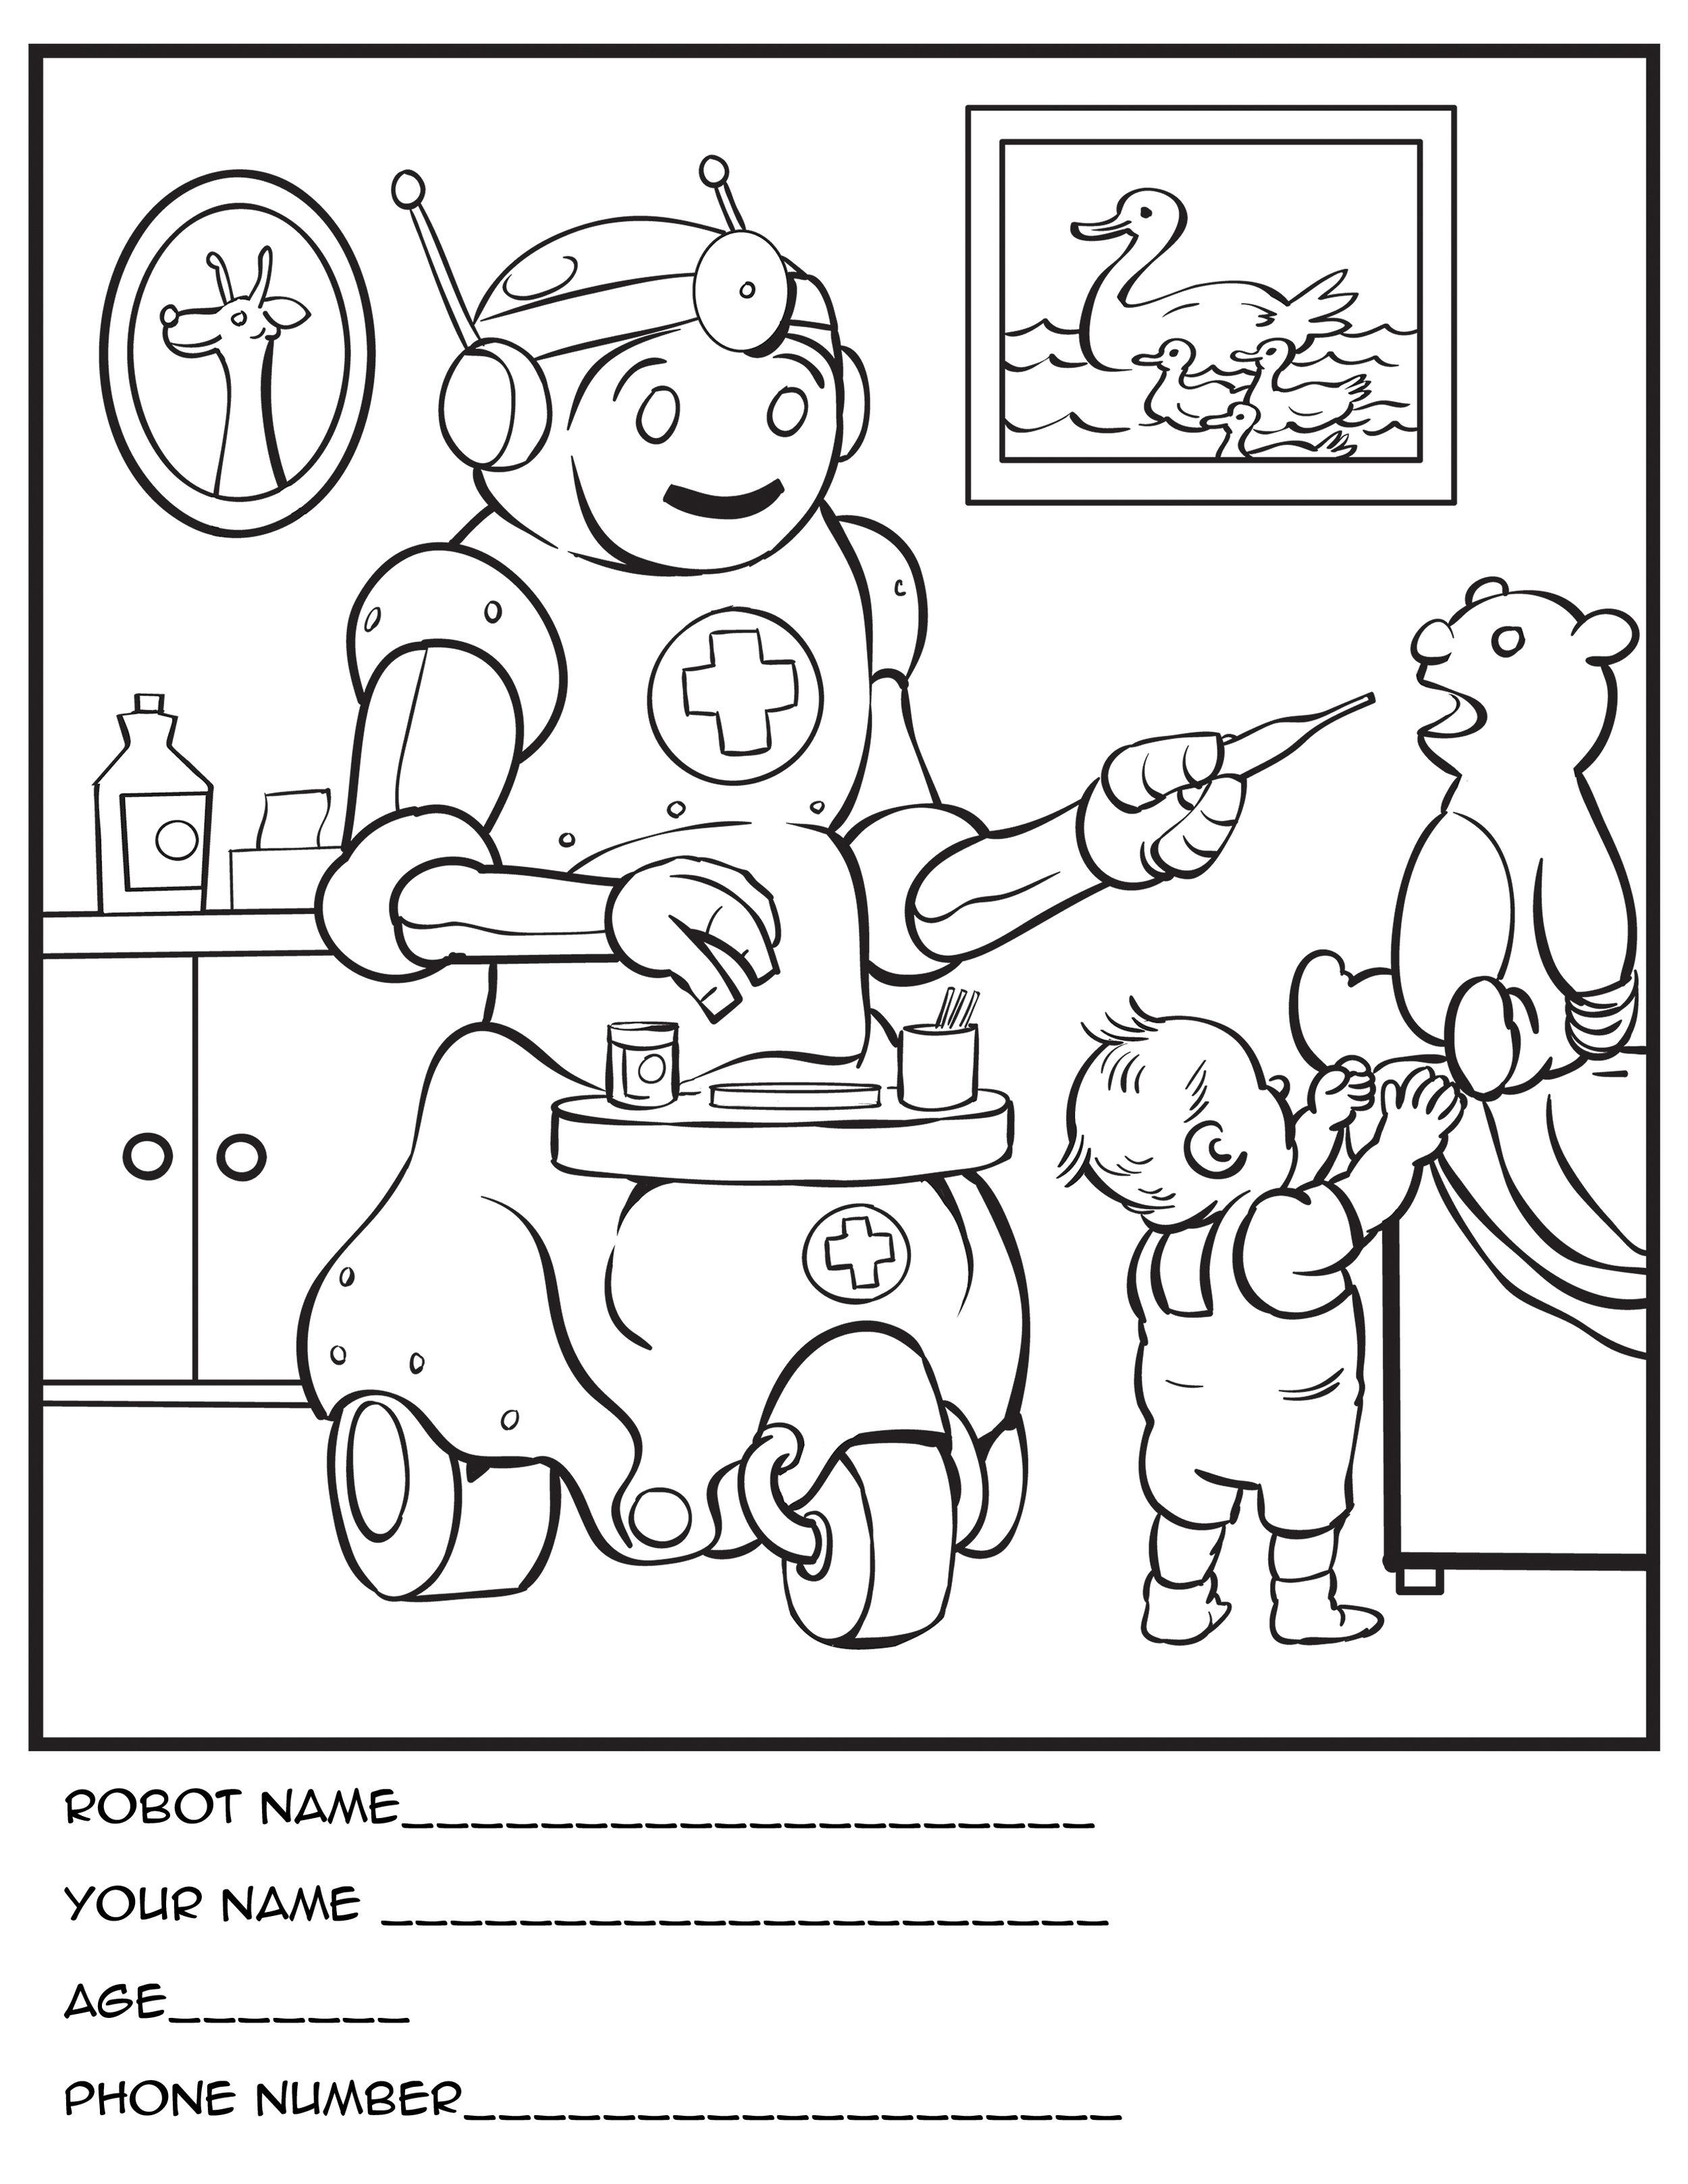 robot-doctor2 copy.jpg